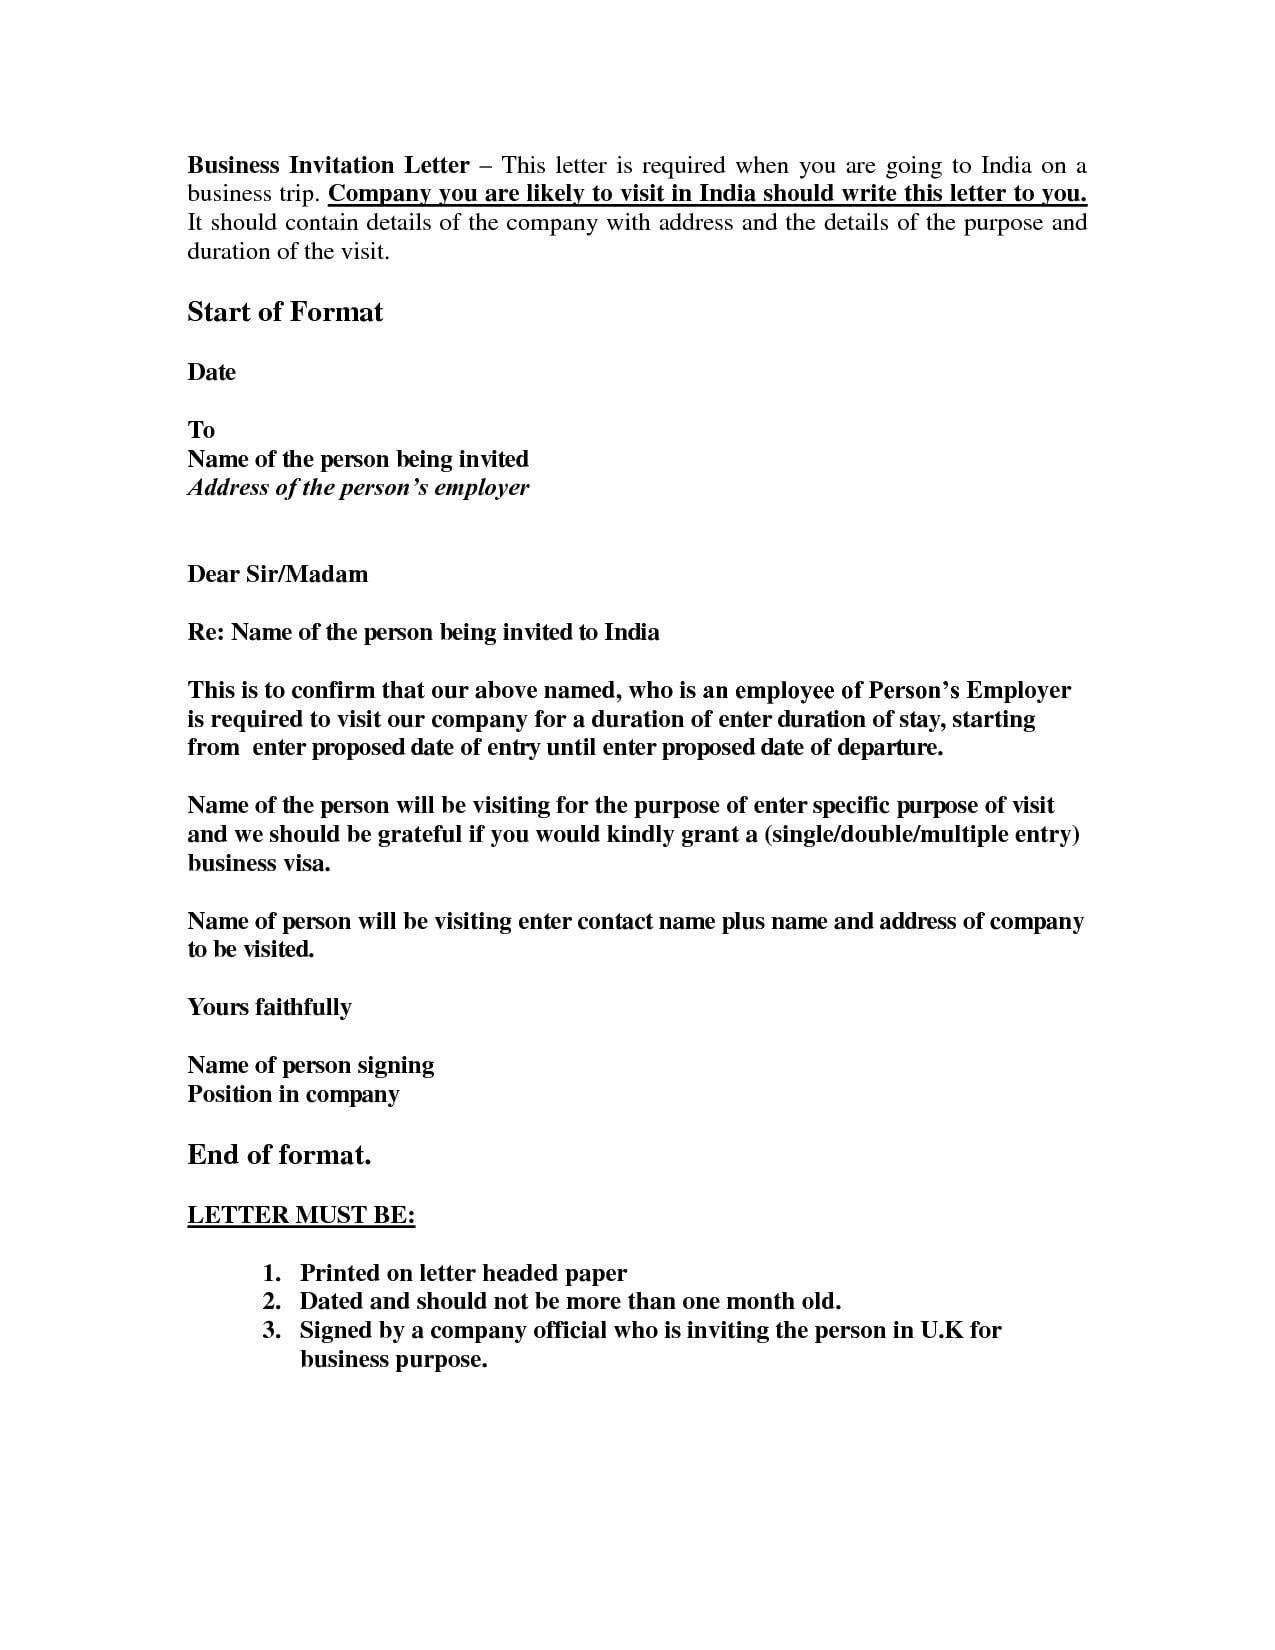 Sample Of Invitations Letter For Business Visa. sample